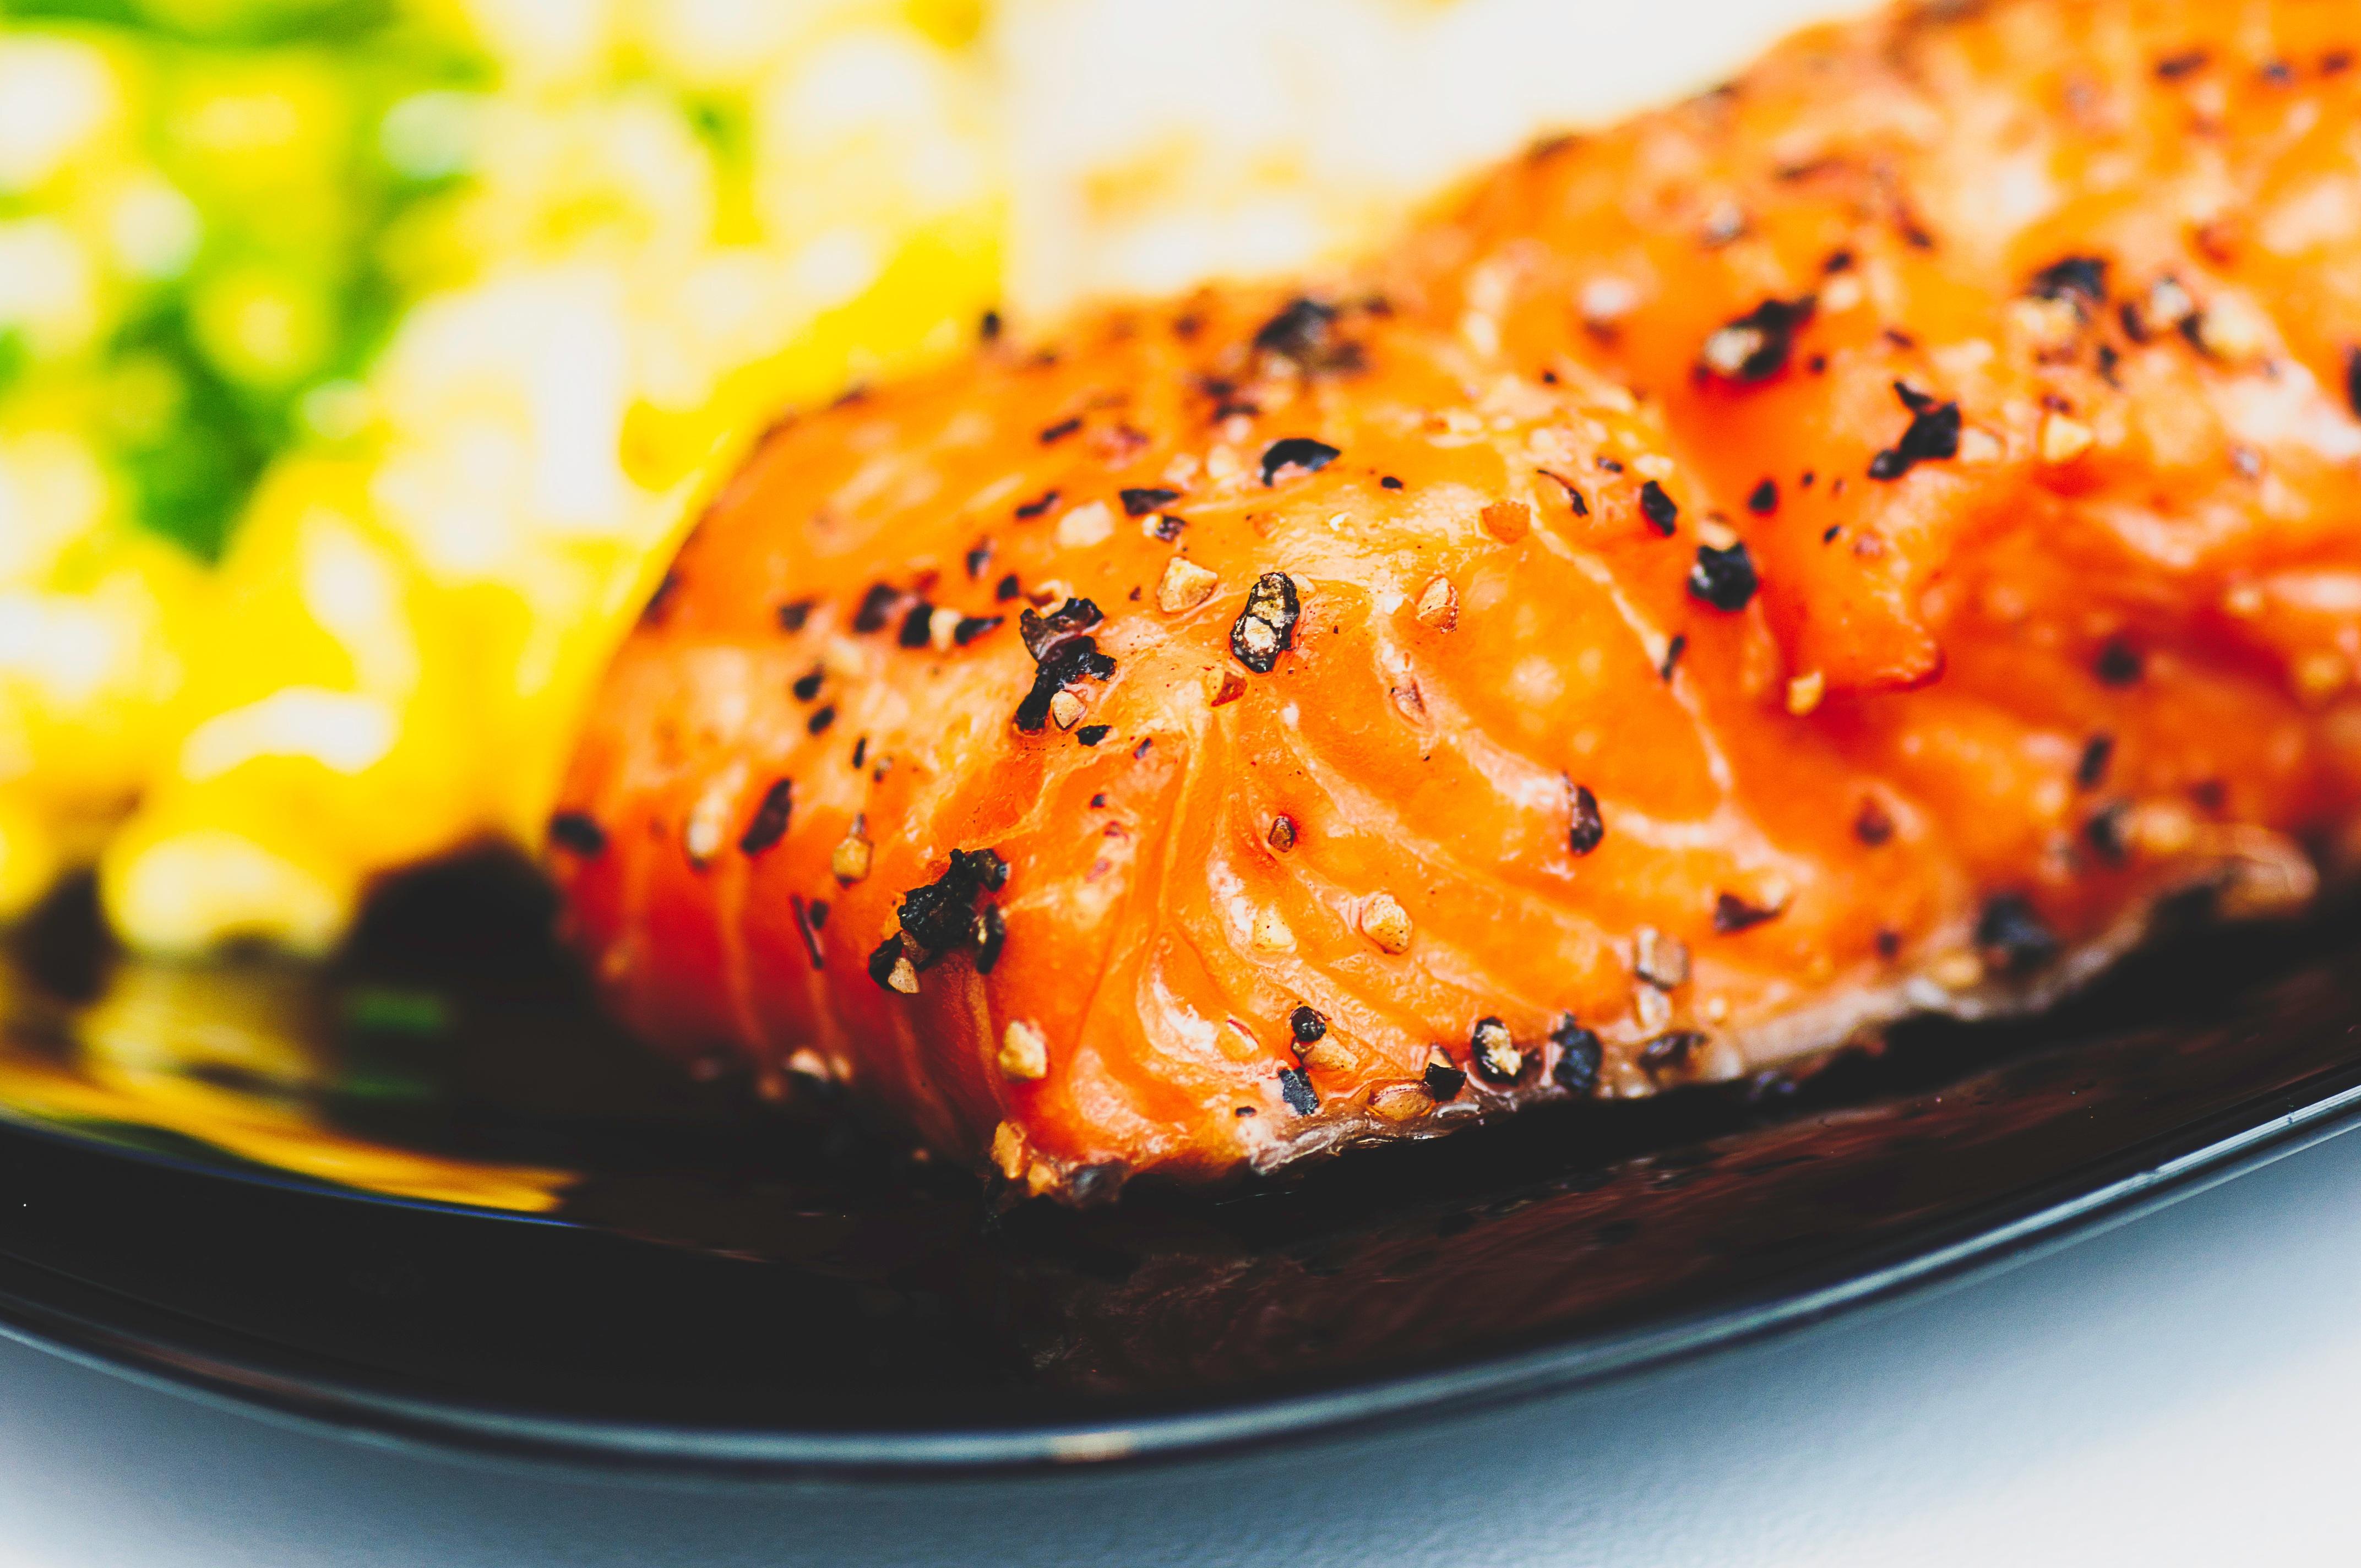 Black barley and Smoked Salmon Salad with Amstel Radler